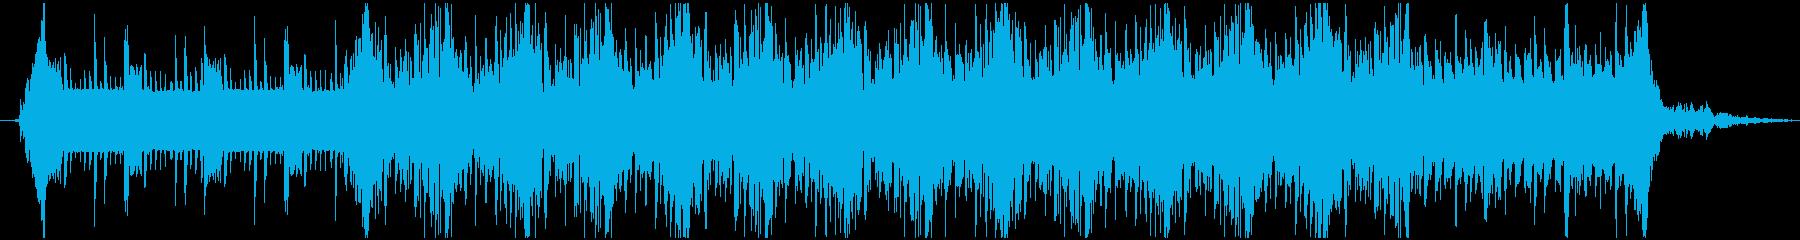 実験的な Hip-hop アクティ...の再生済みの波形